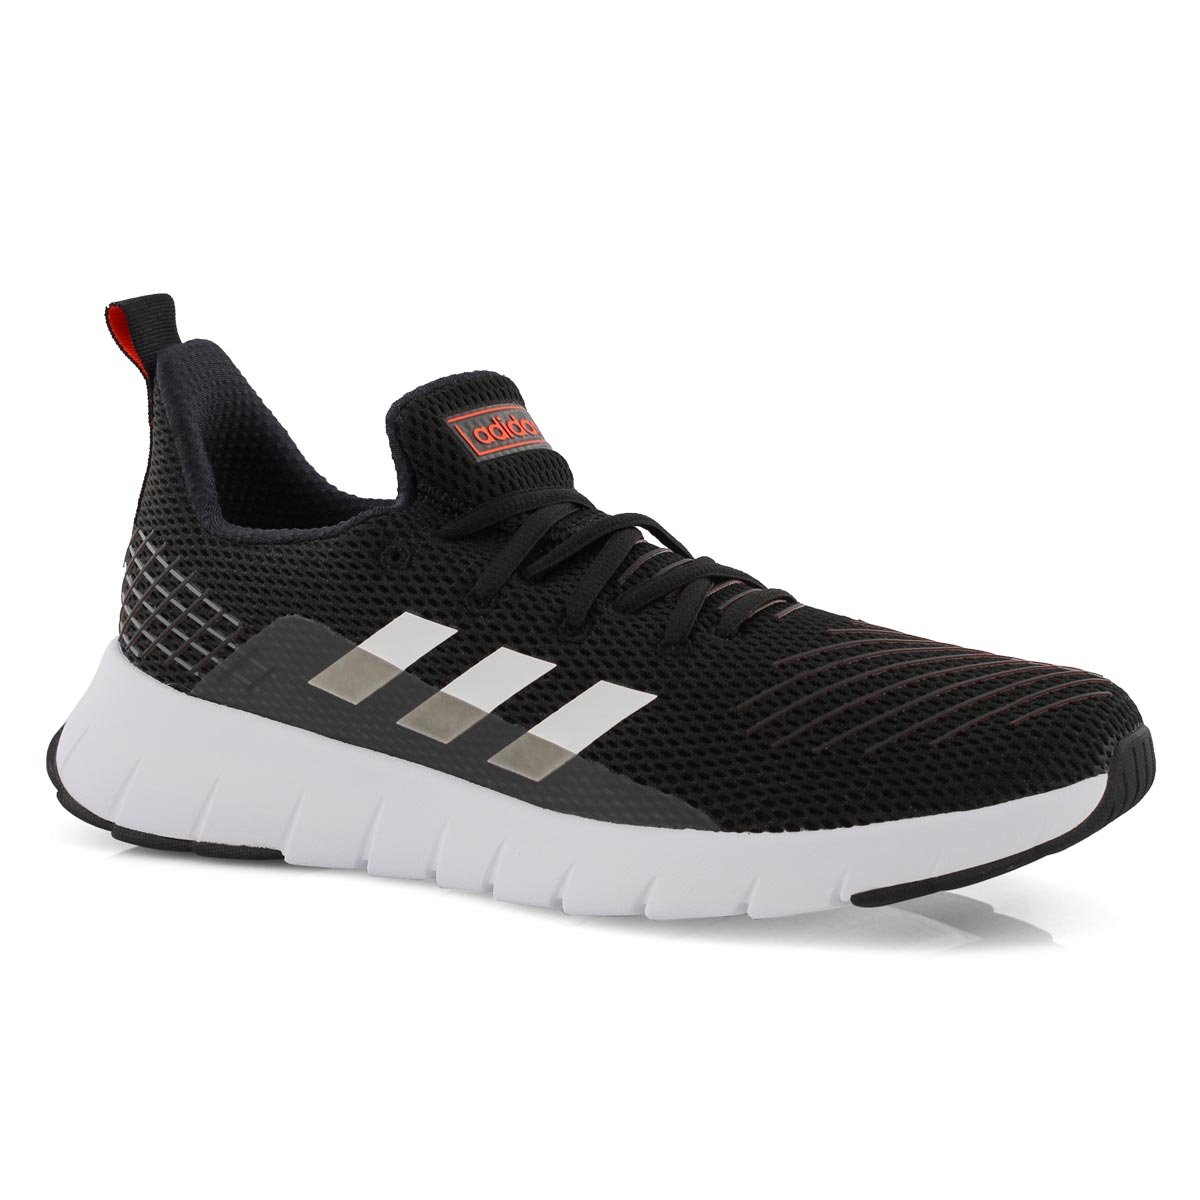 adidas Men's ASWEEGO RUN black/white